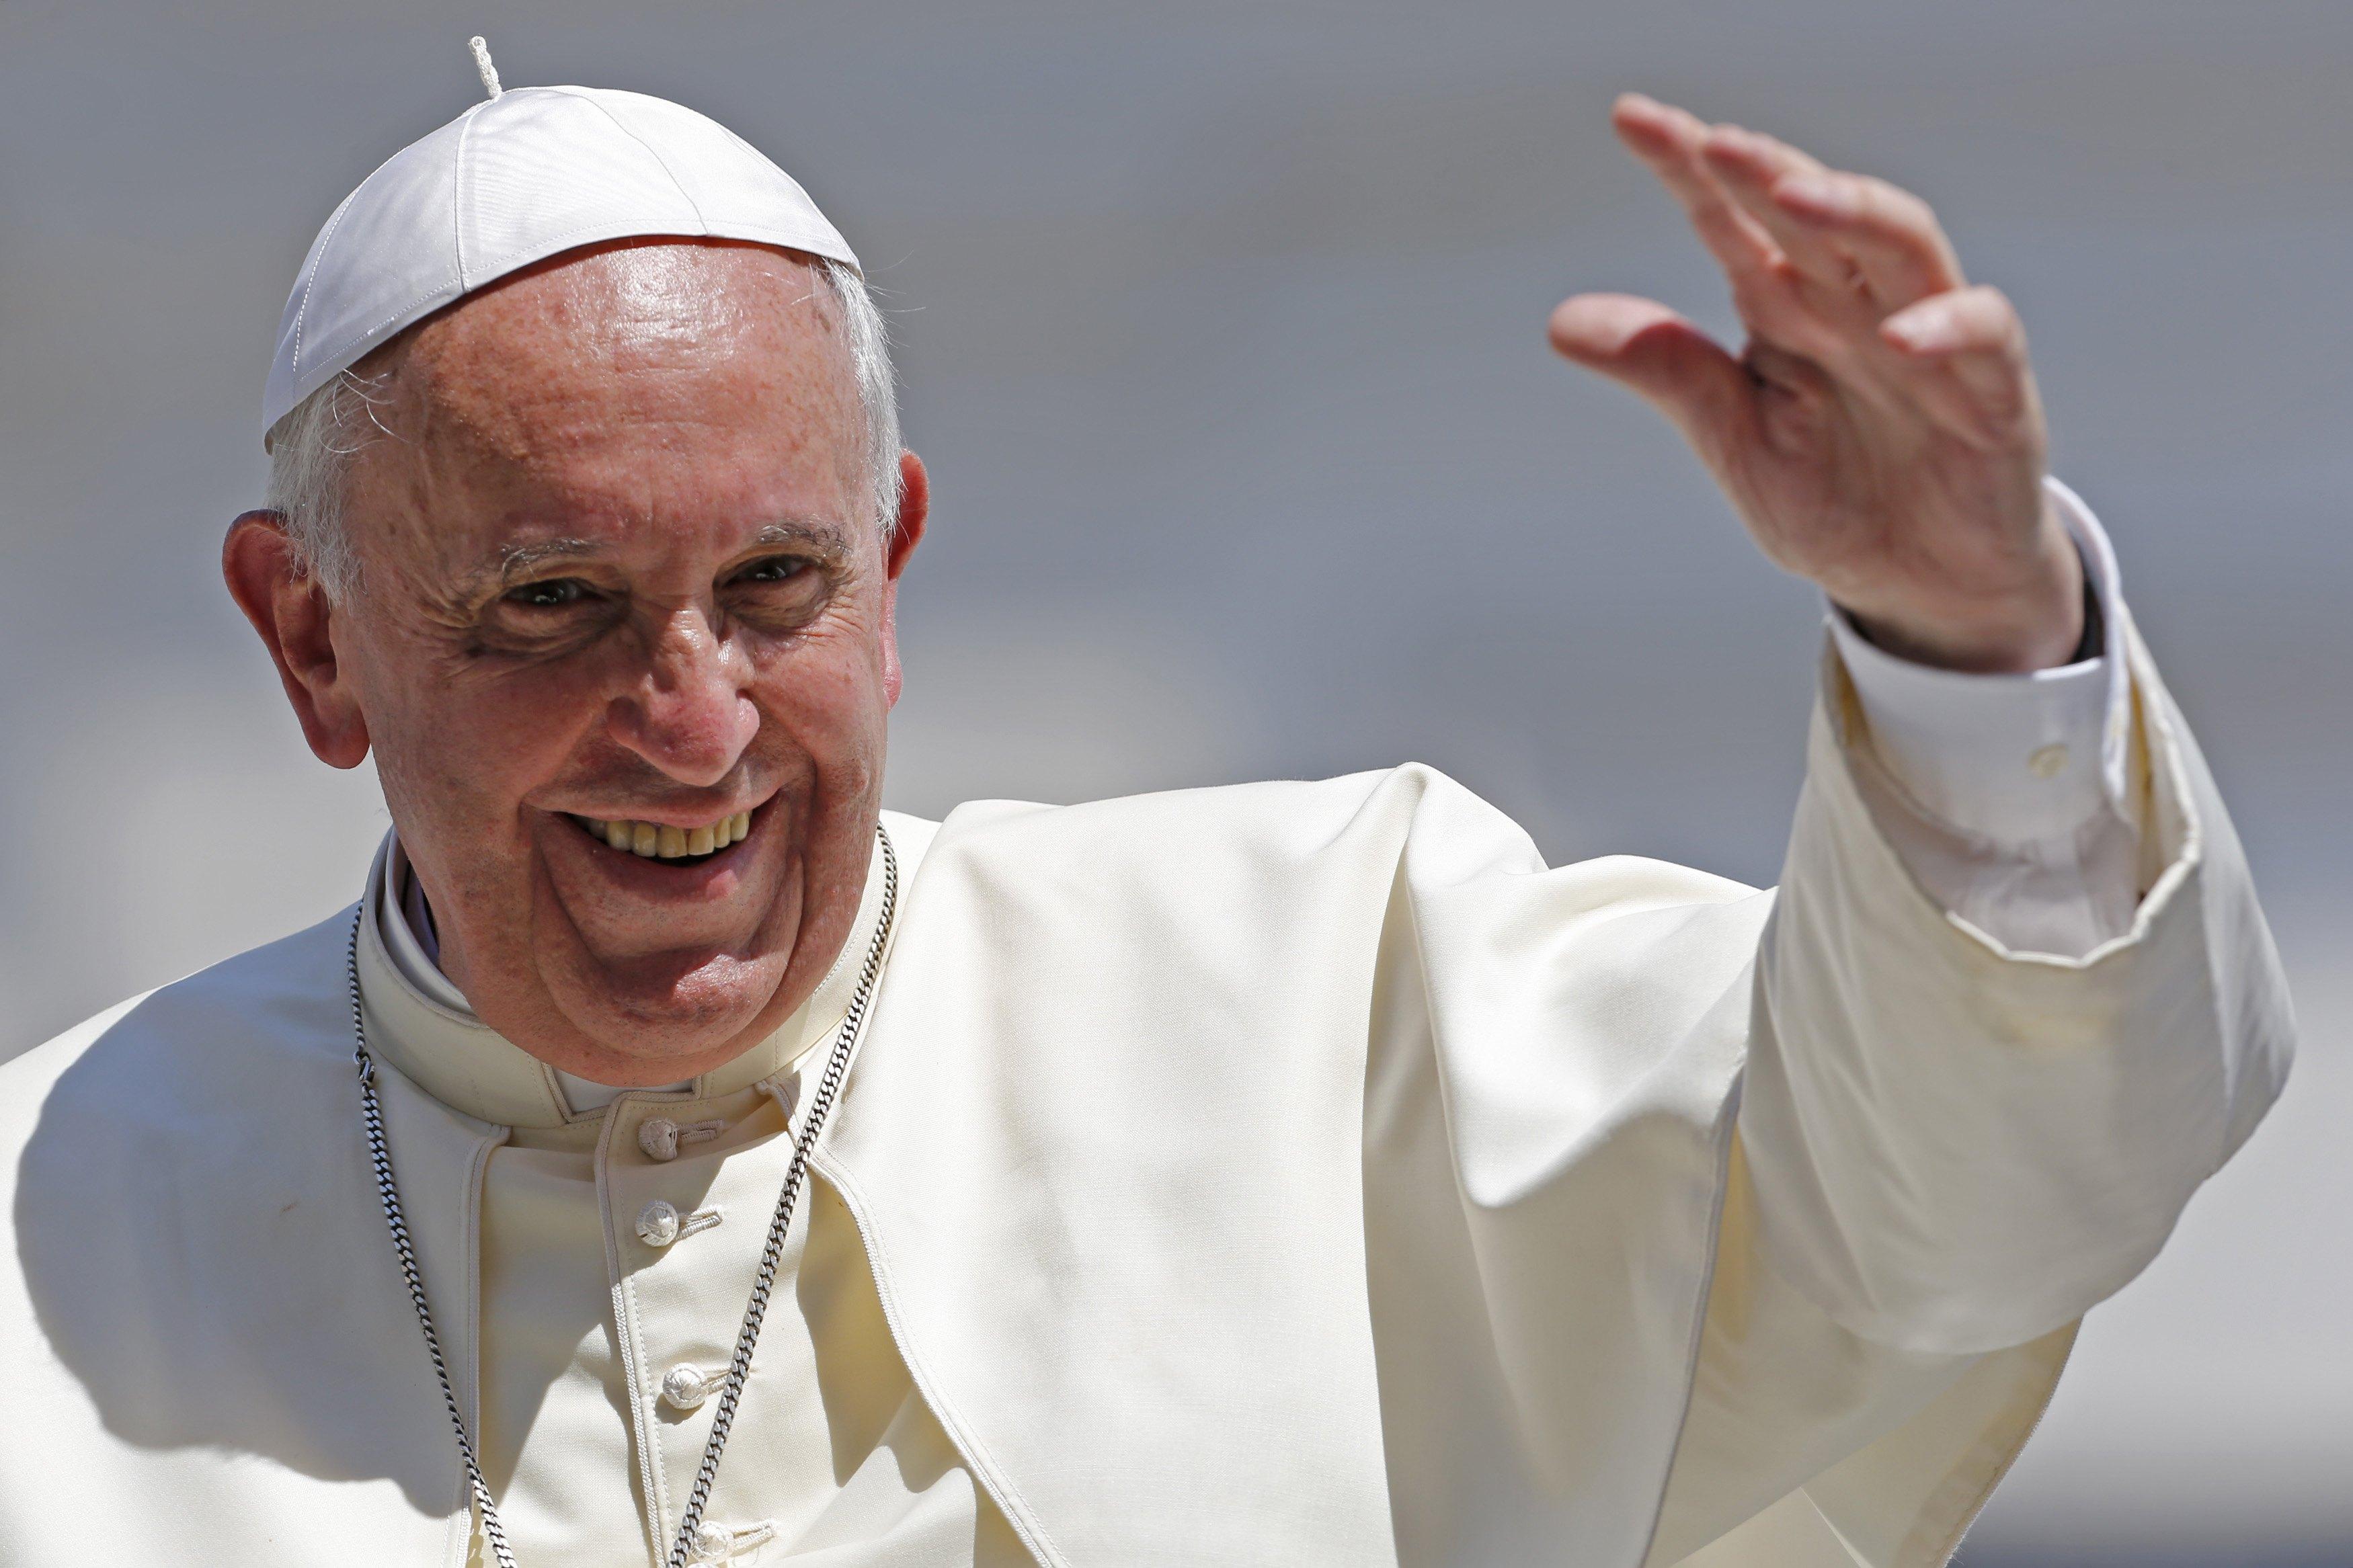 El Papa Francisco viene para juntos alabar al Señor